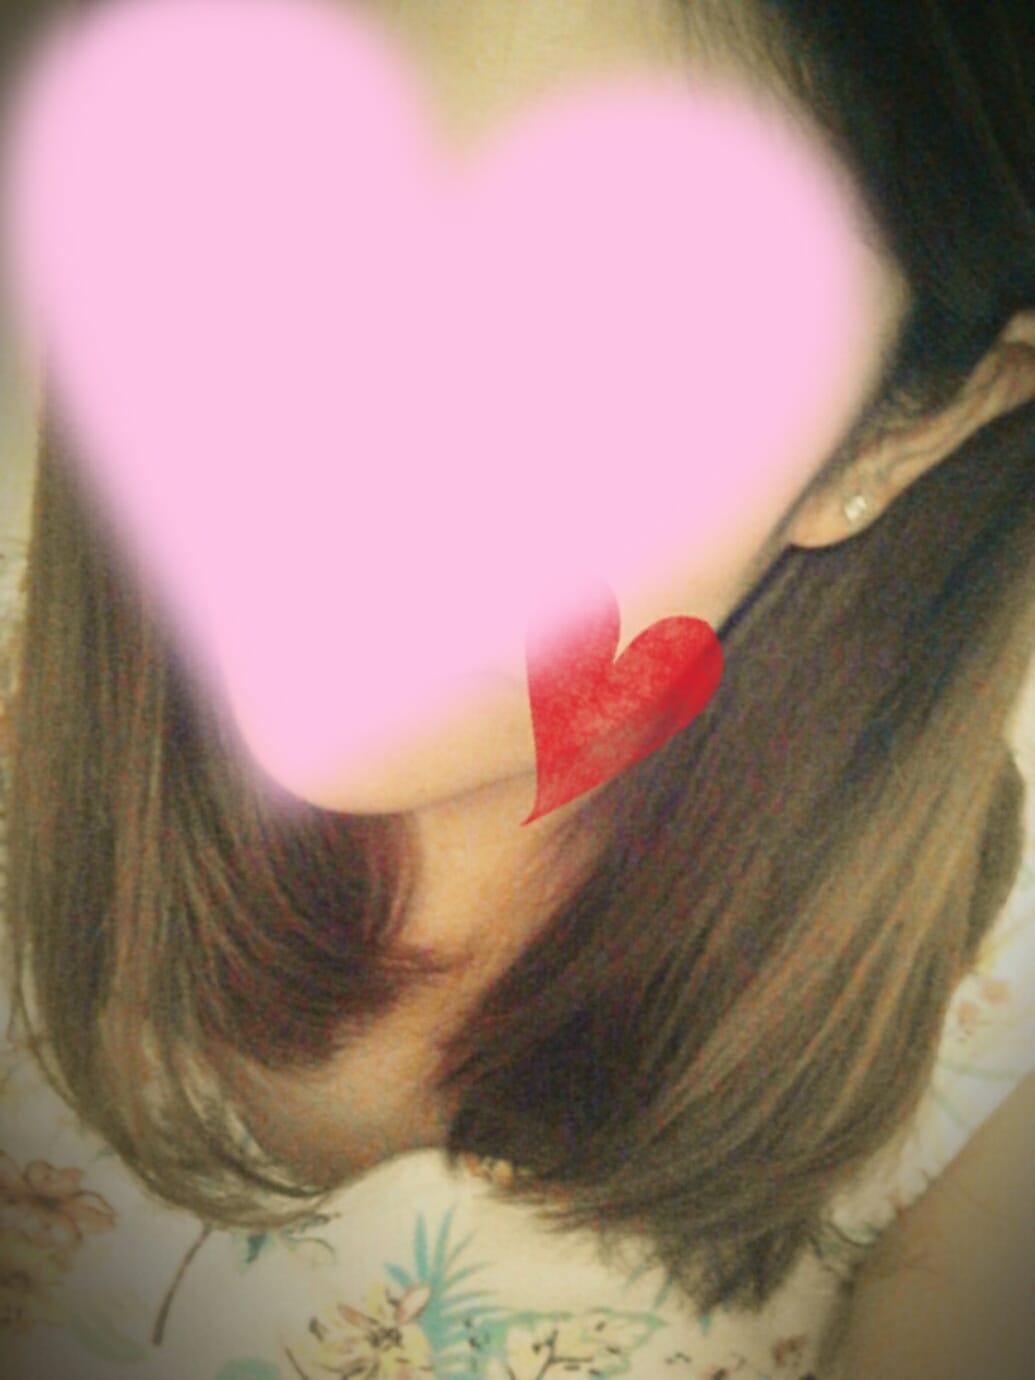 「仲良しさん♡」04/13(04/13) 21:21 | みなと奥様の写メ・風俗動画